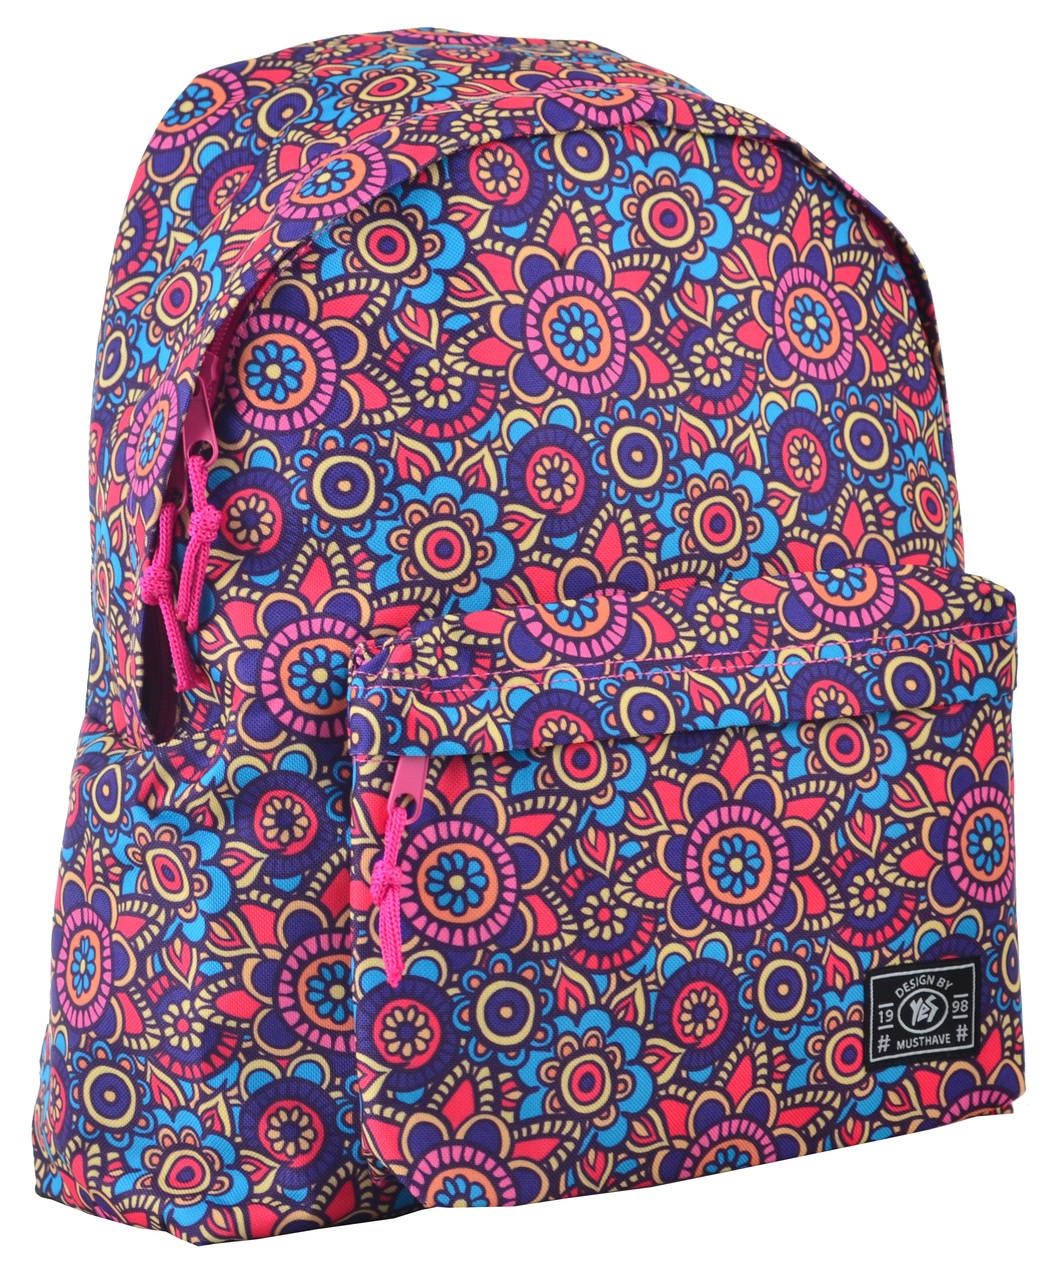 Рюкзак молодежный ST-17 Crazy Floral, 42*32*12